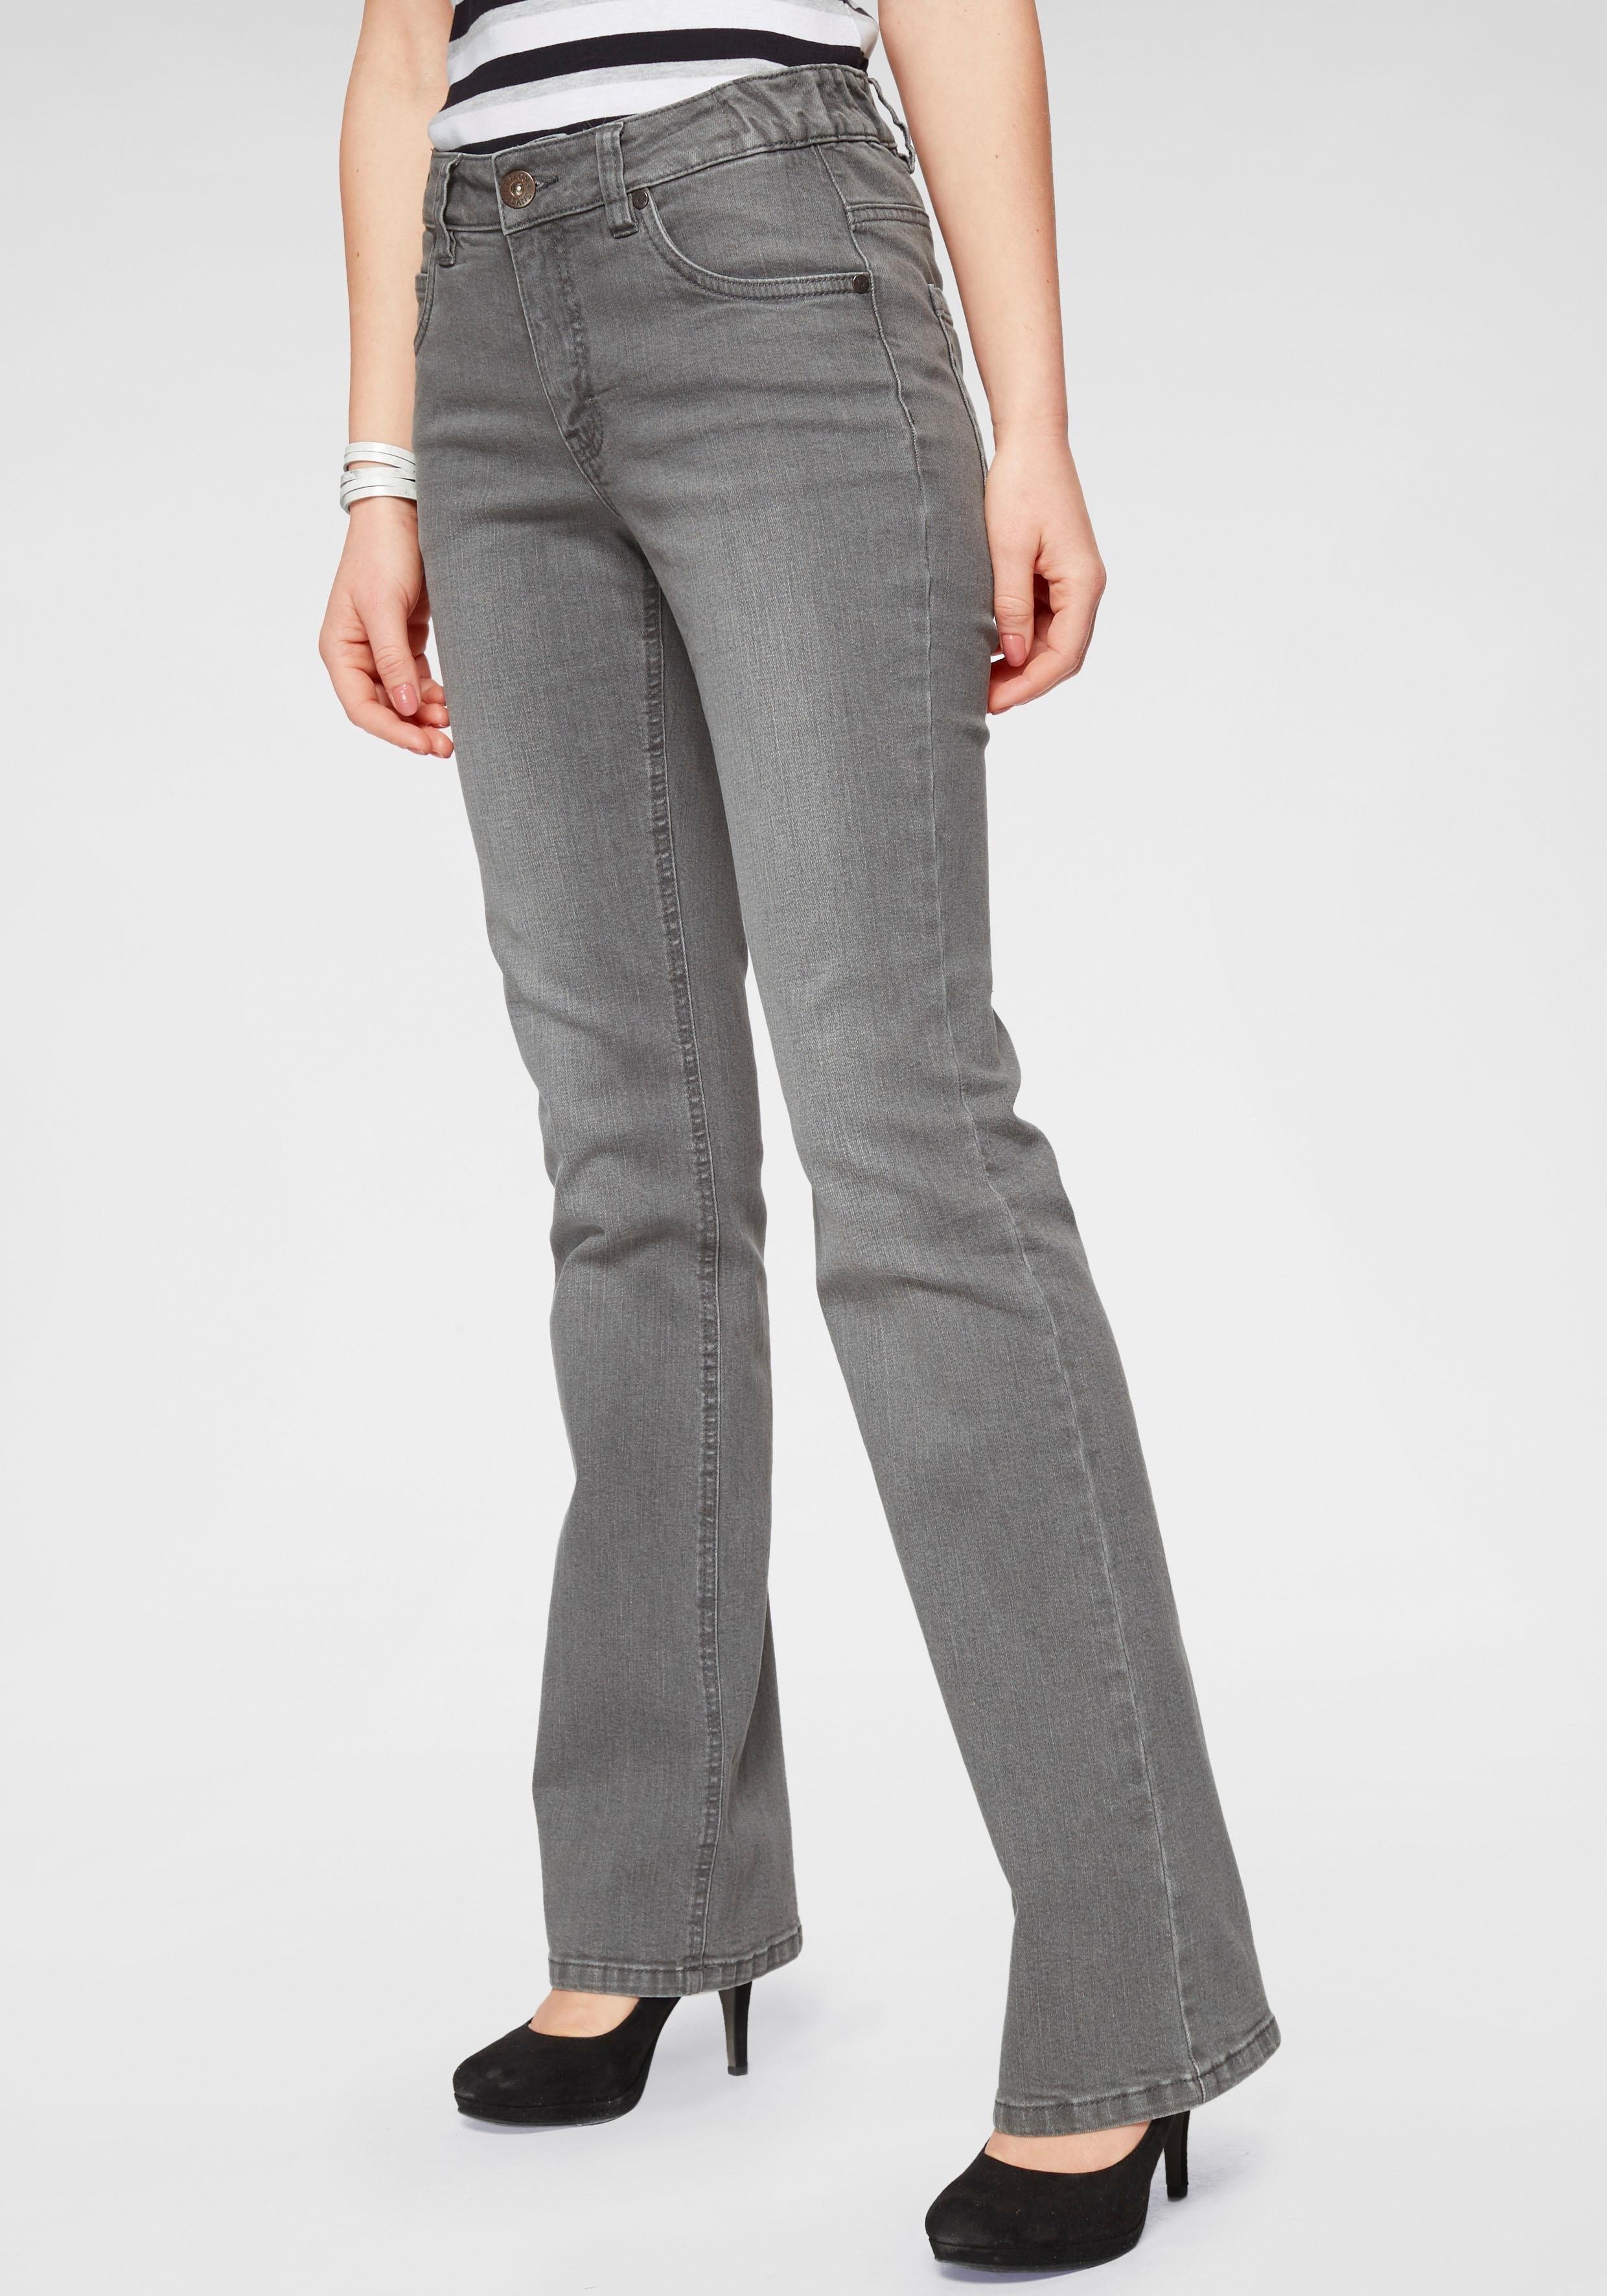 Arizona bootcut jeans Svenja - band met opzij elastische inzet High Waist nu online kopen bij OTTO